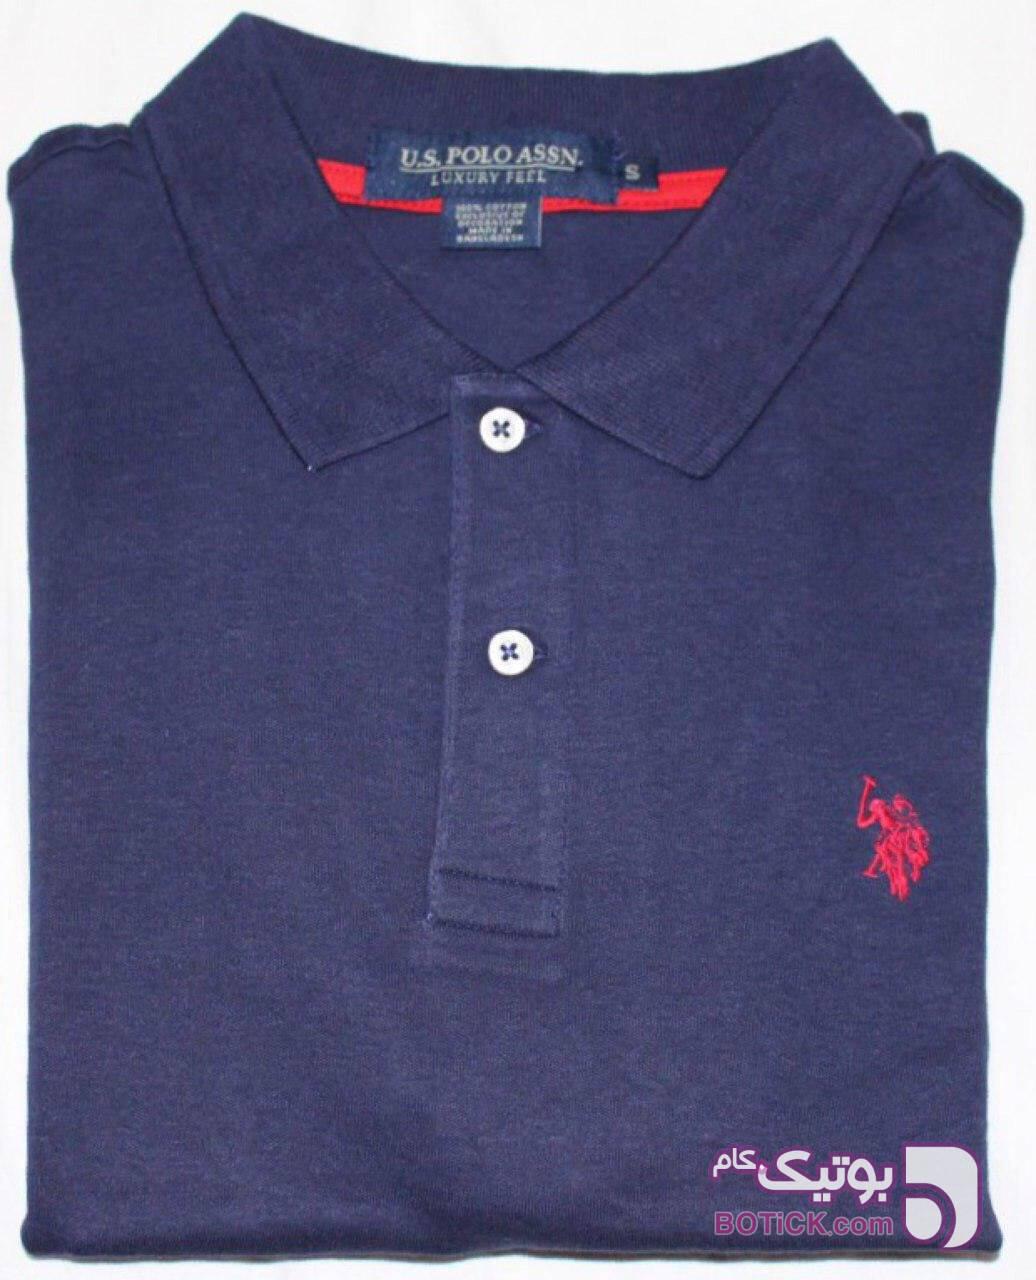 Polo سورمه ای تی شرتو پولو شرت مردانه